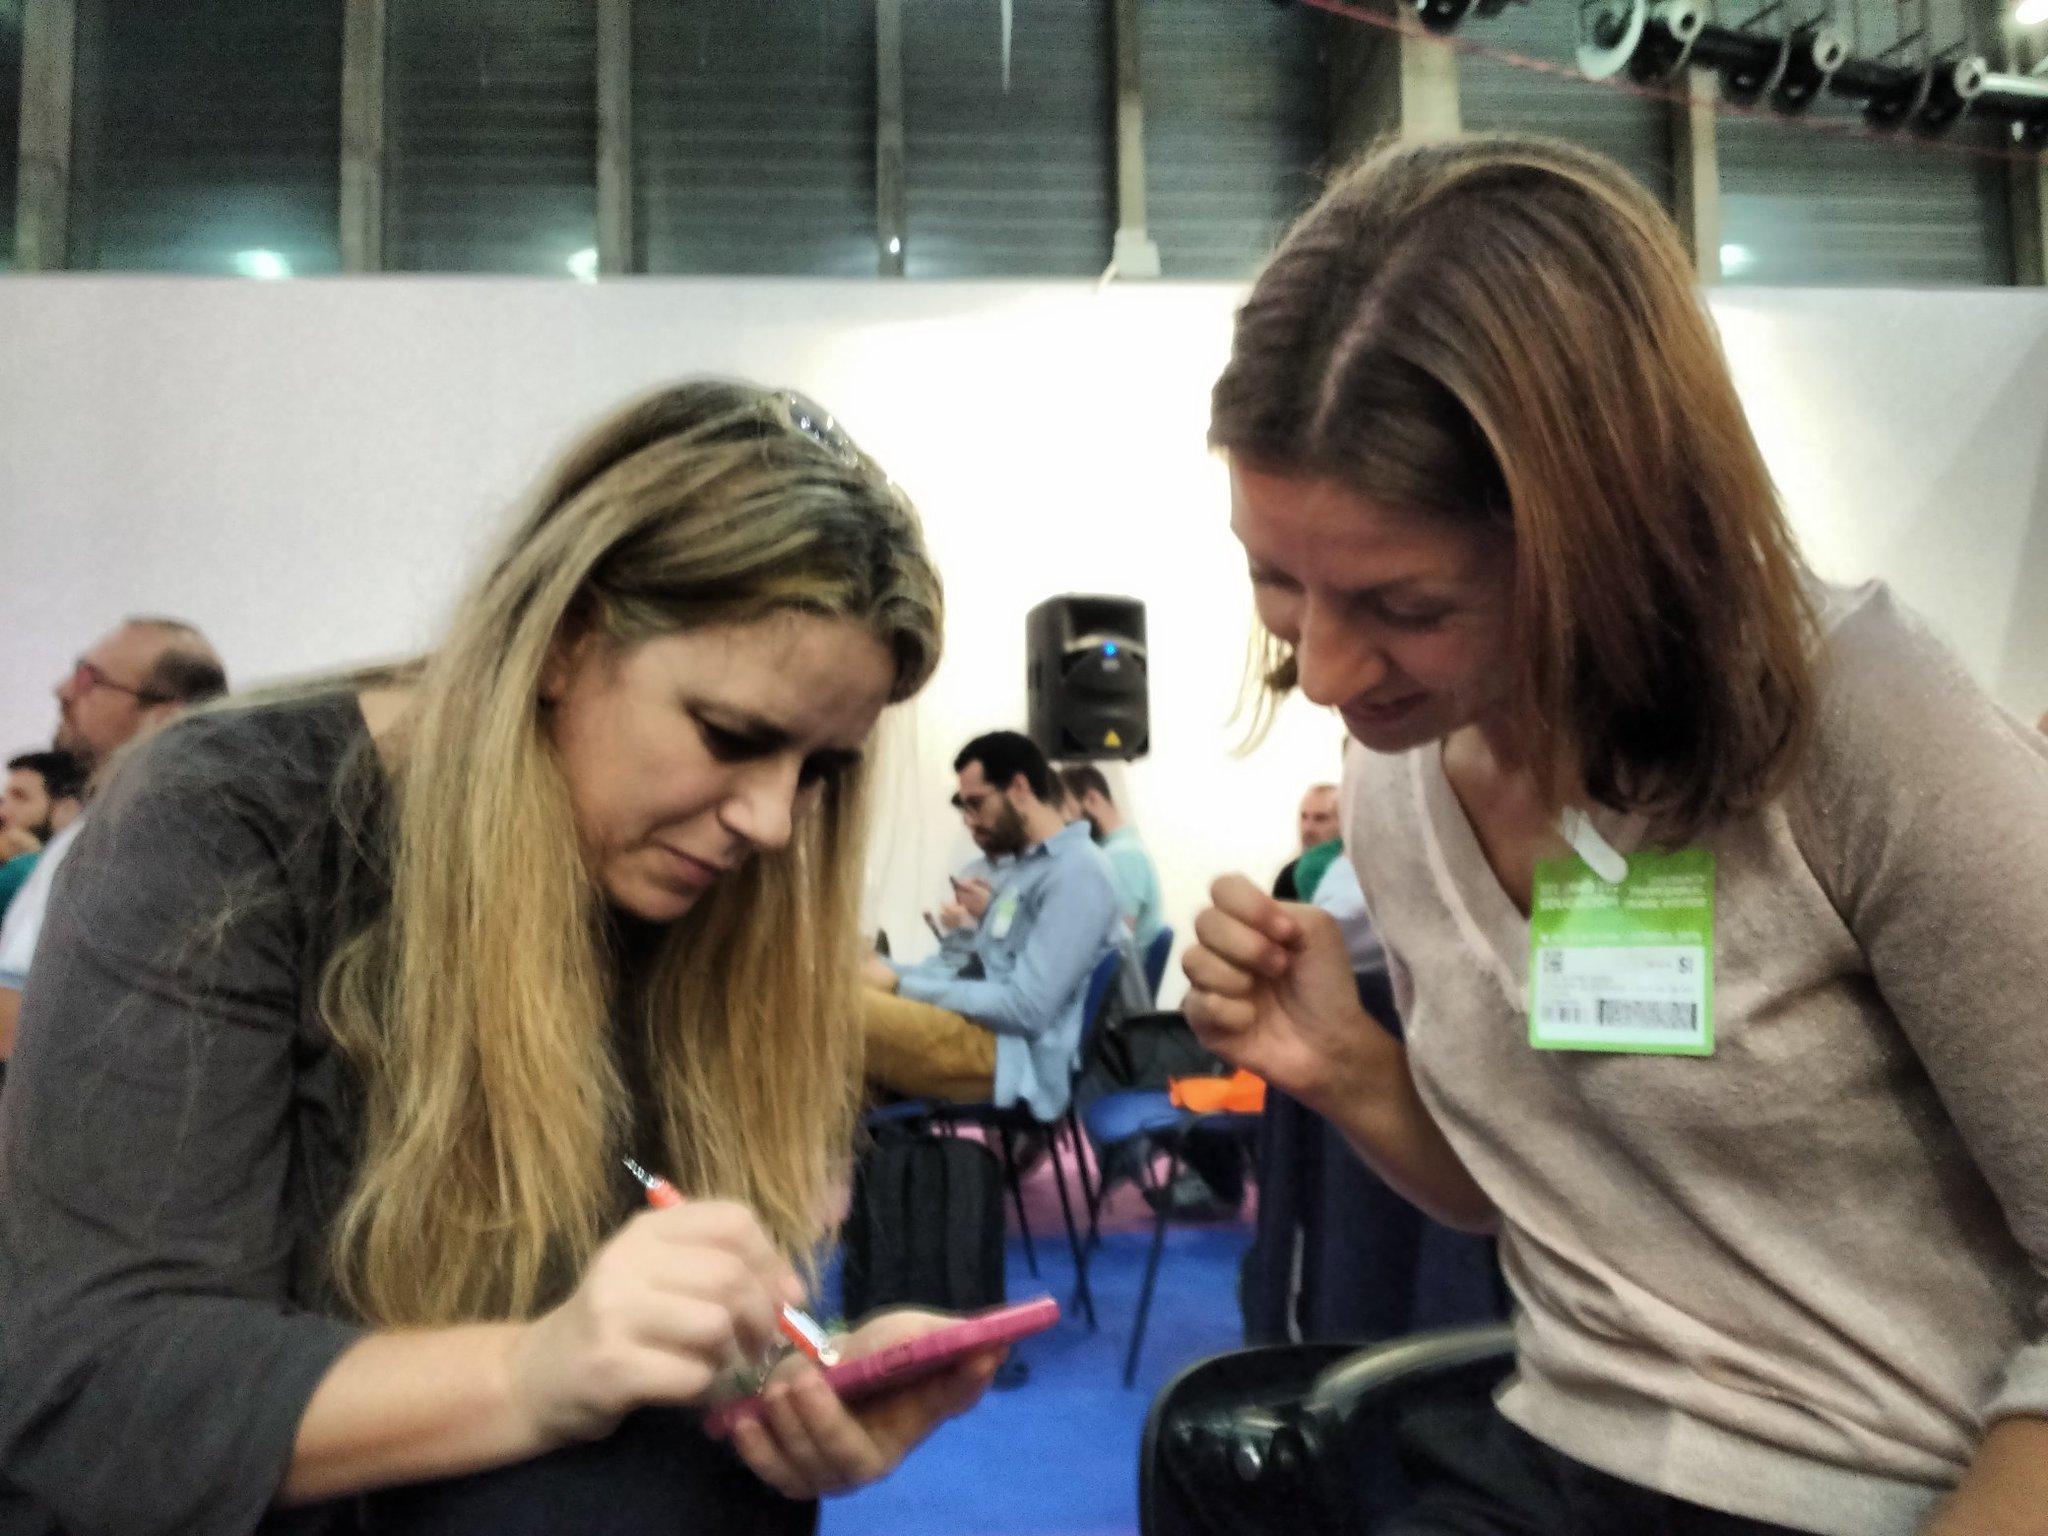 Dos brujas tuneando mi imagen para #desafiosimo @LuzBeloso @luciaalvarez (menos mal que son de dibujo) https://t.co/6YuDhYtywY